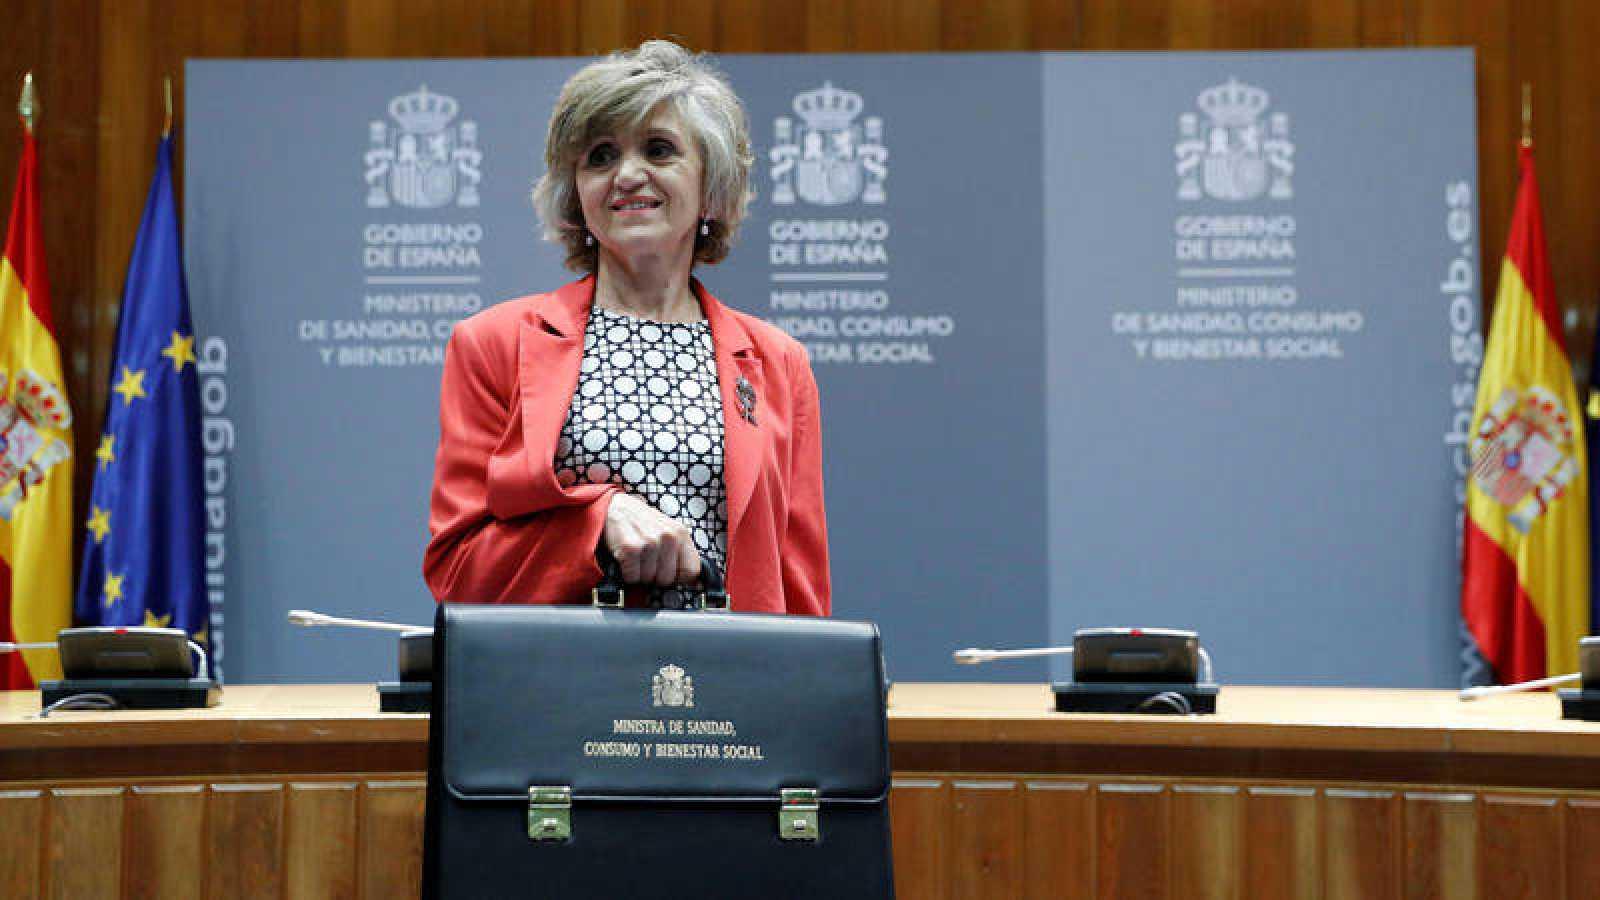 La nueva ministra de Sanidad, María Luisa Carcedo, tras recibir la cartera